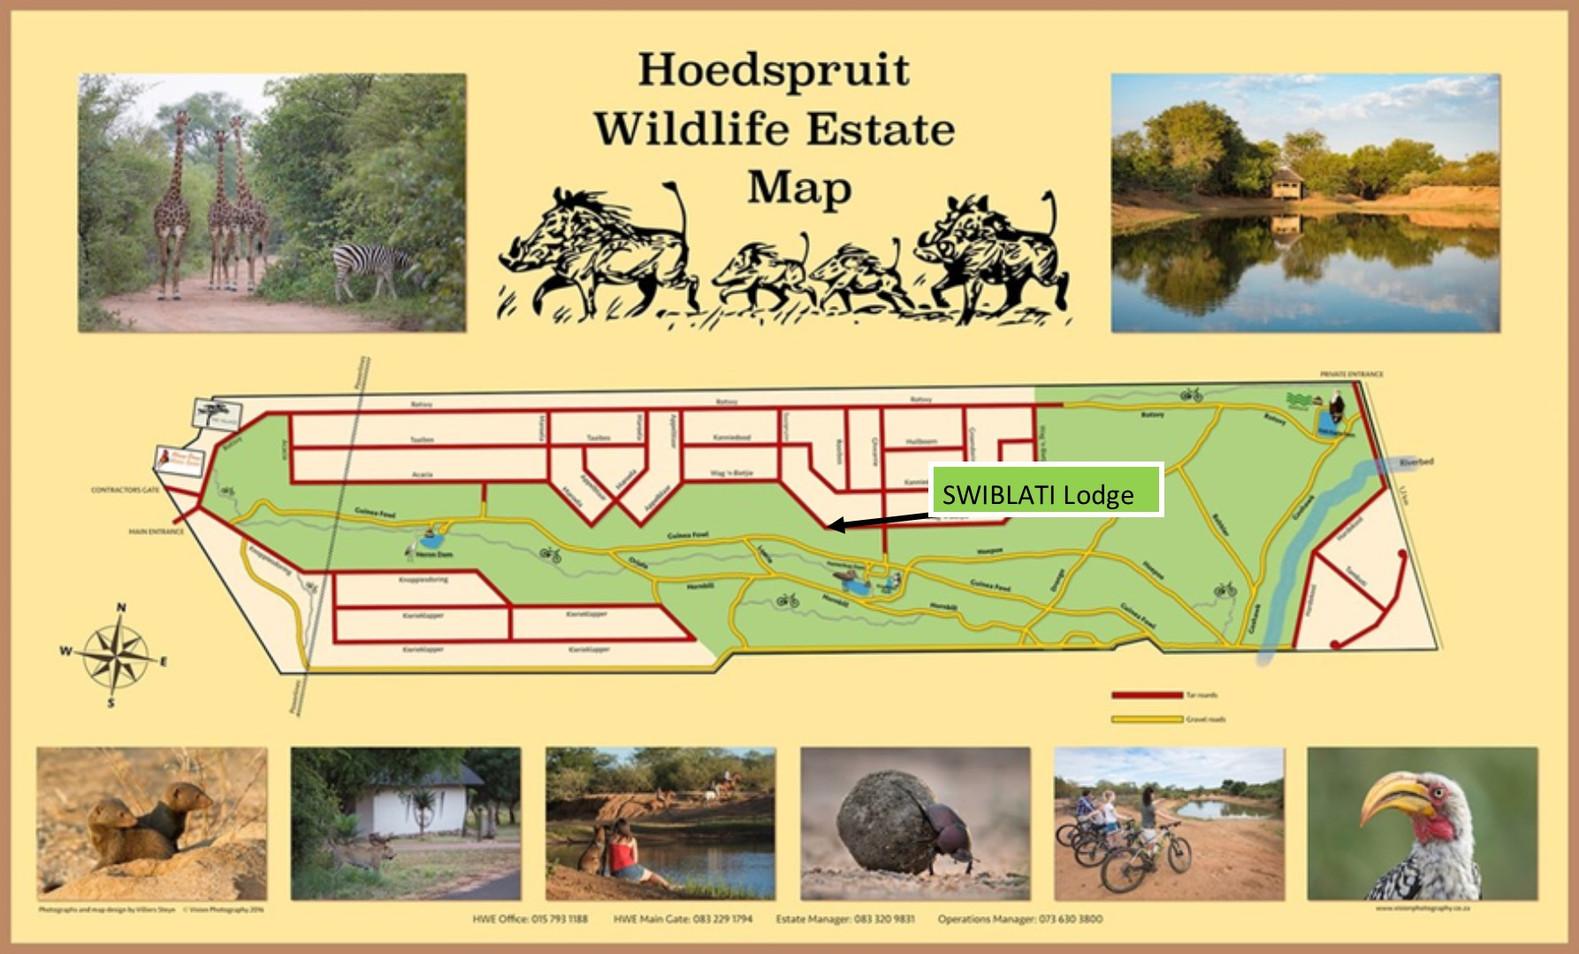 La réserve de Hoedspruit Wildlife Estate